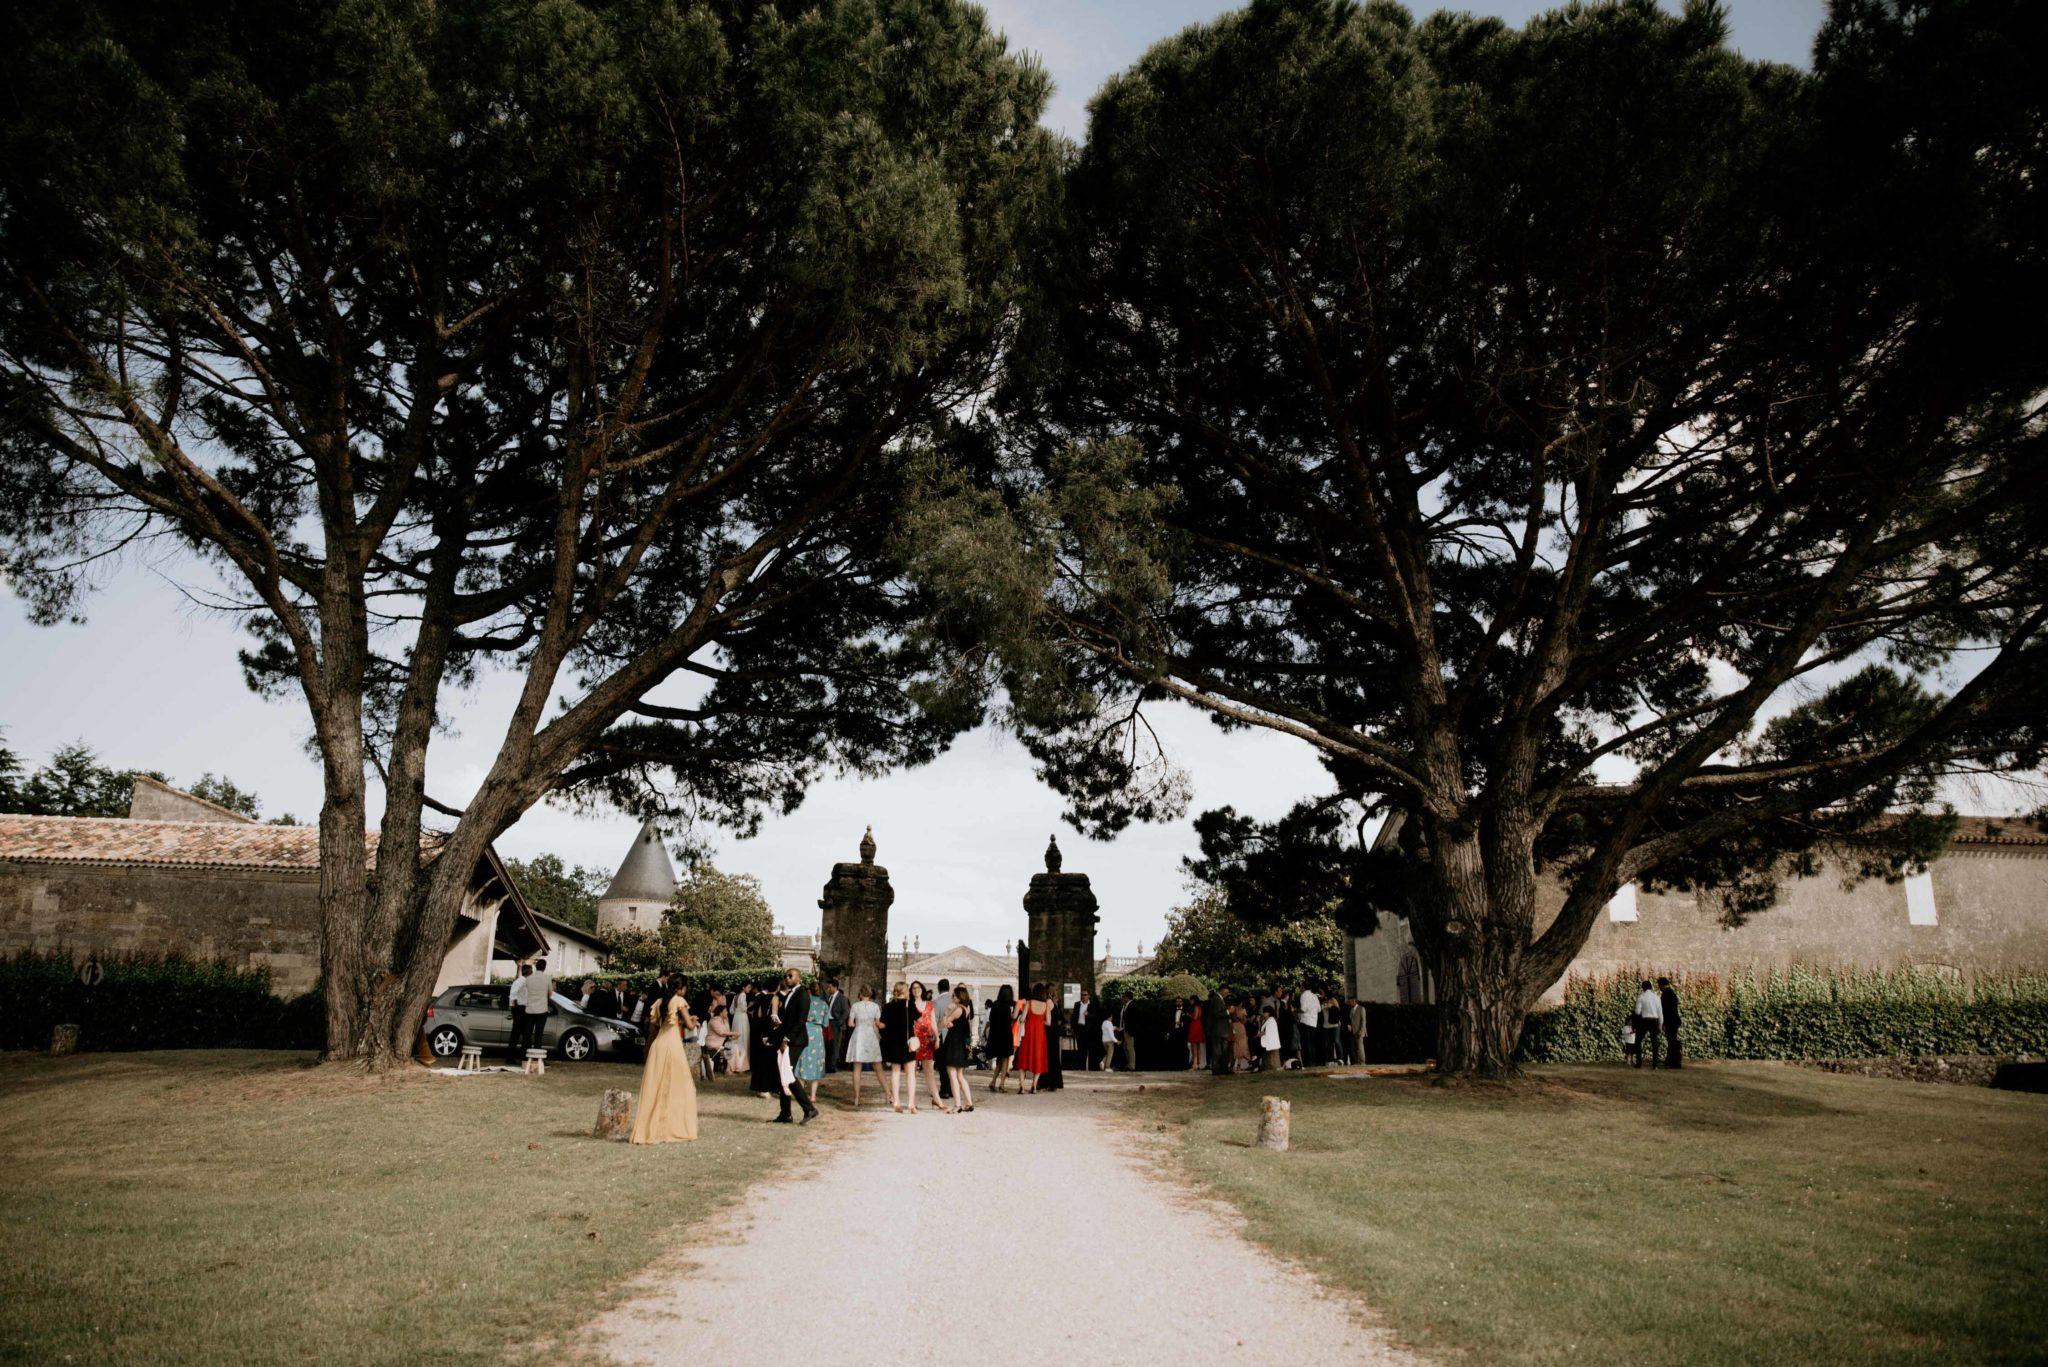 Mariage au milieu des vignes, entrée du chateau